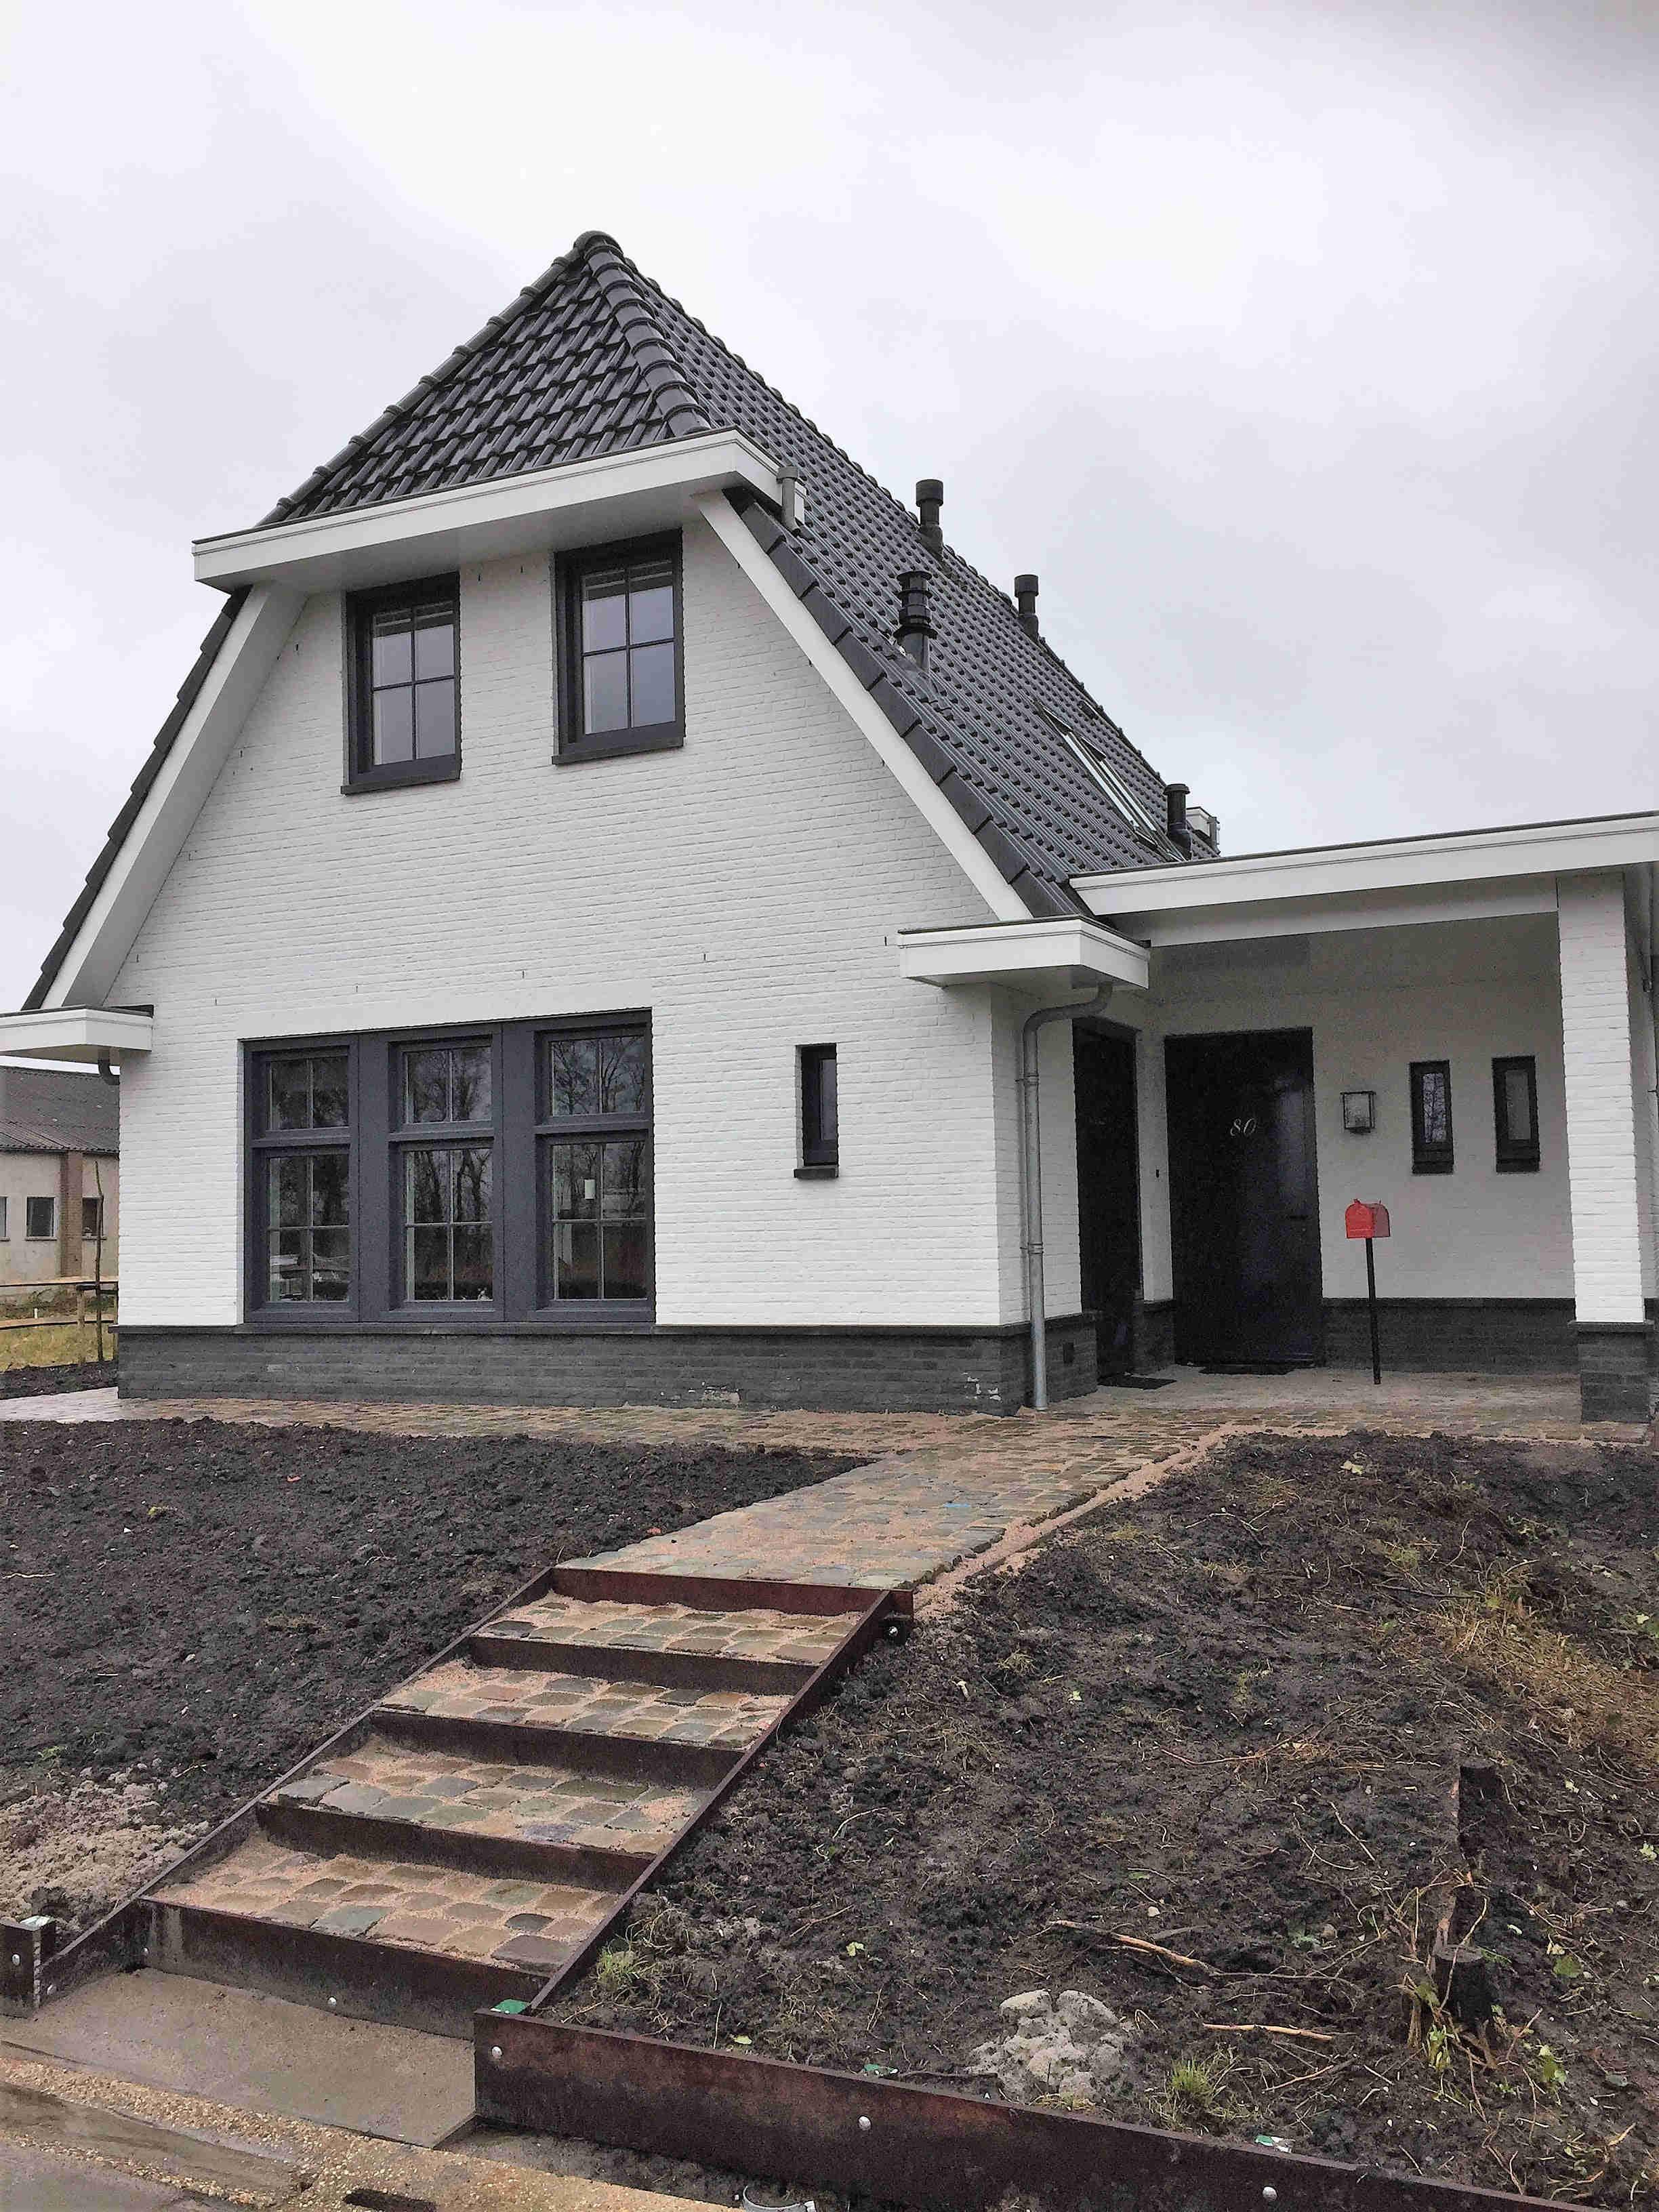 moderne nieuwbouw woning wit gestuct stucwerk baksteen vrijstaand luxe leimuiden architectenbureau hoogsteder architecten